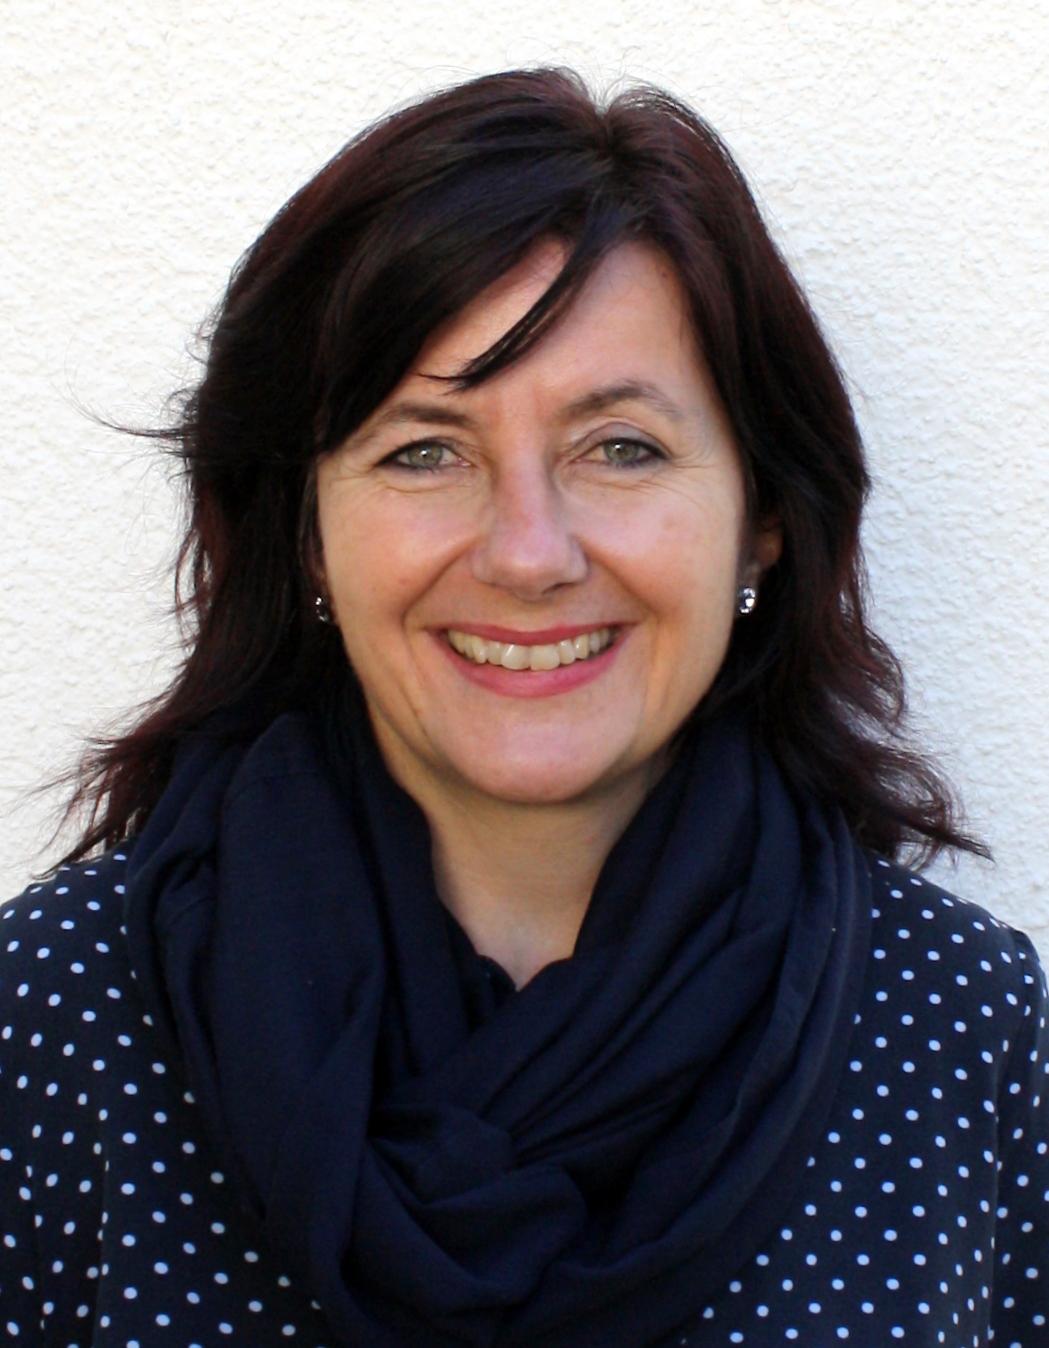 Jeanette Ledergerber